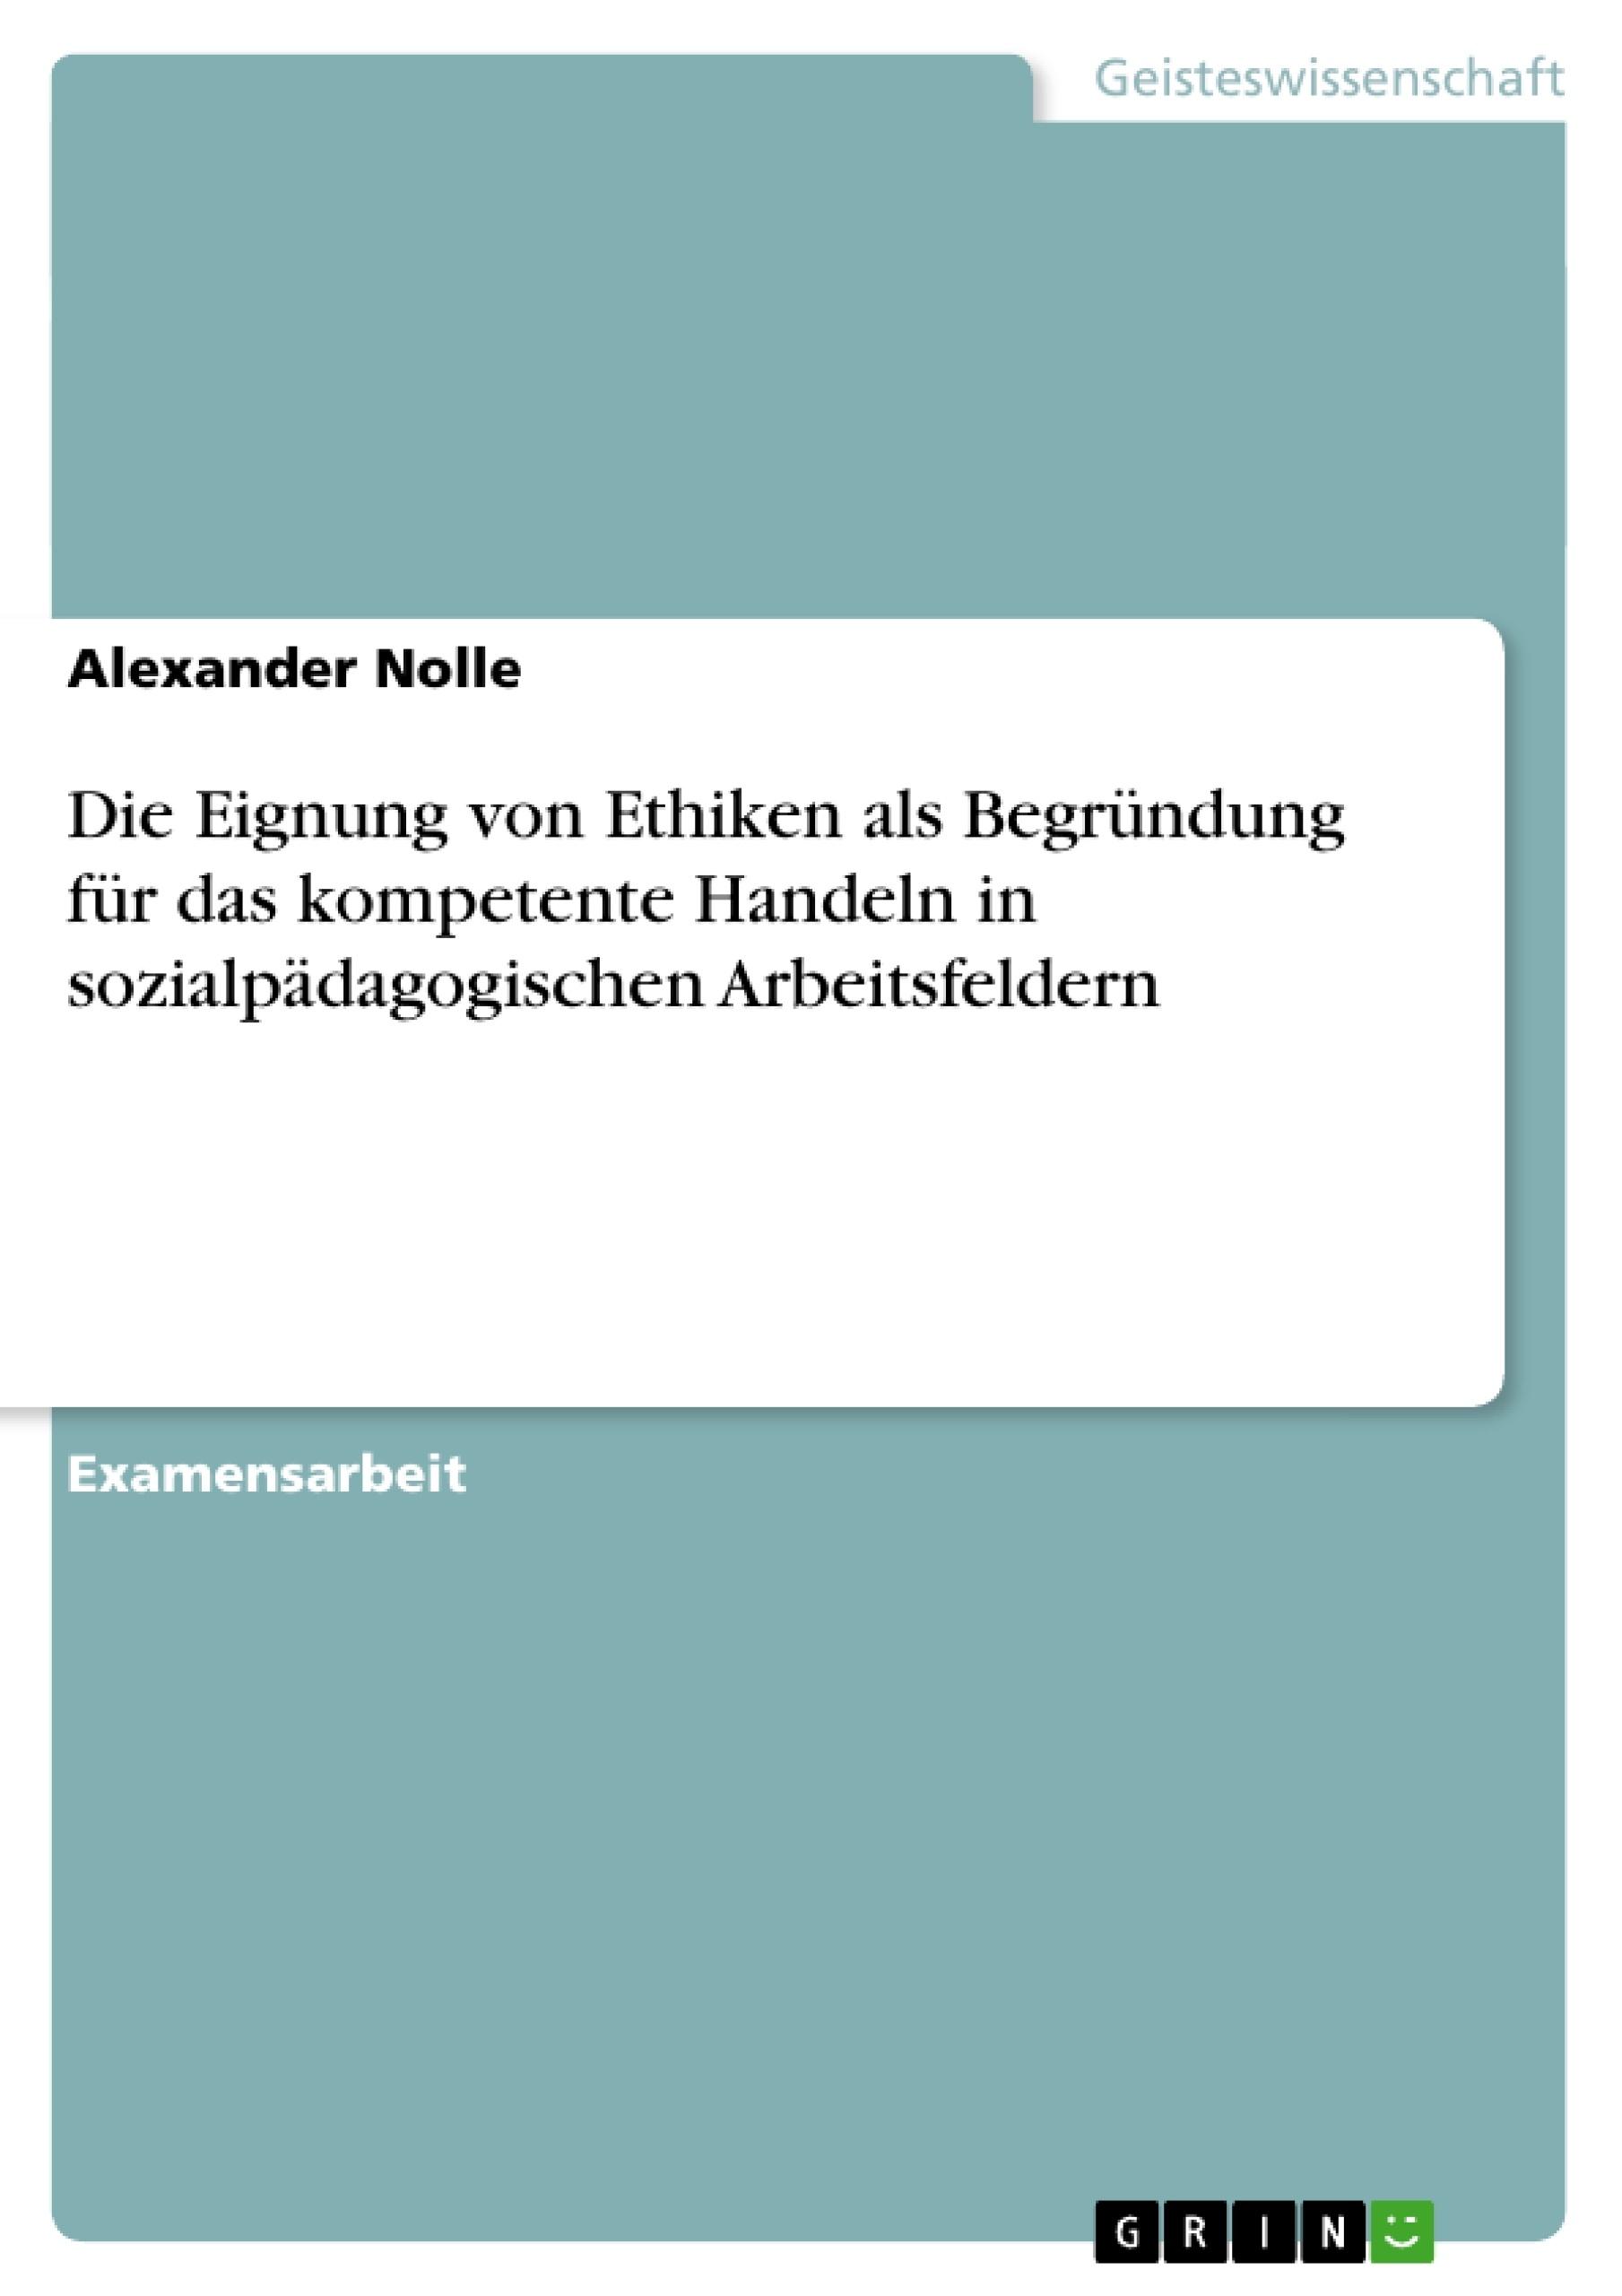 Titel: Die Eignung von Ethiken als Begründung für das kompetente Handeln in sozialpädagogischen Arbeitsfeldern